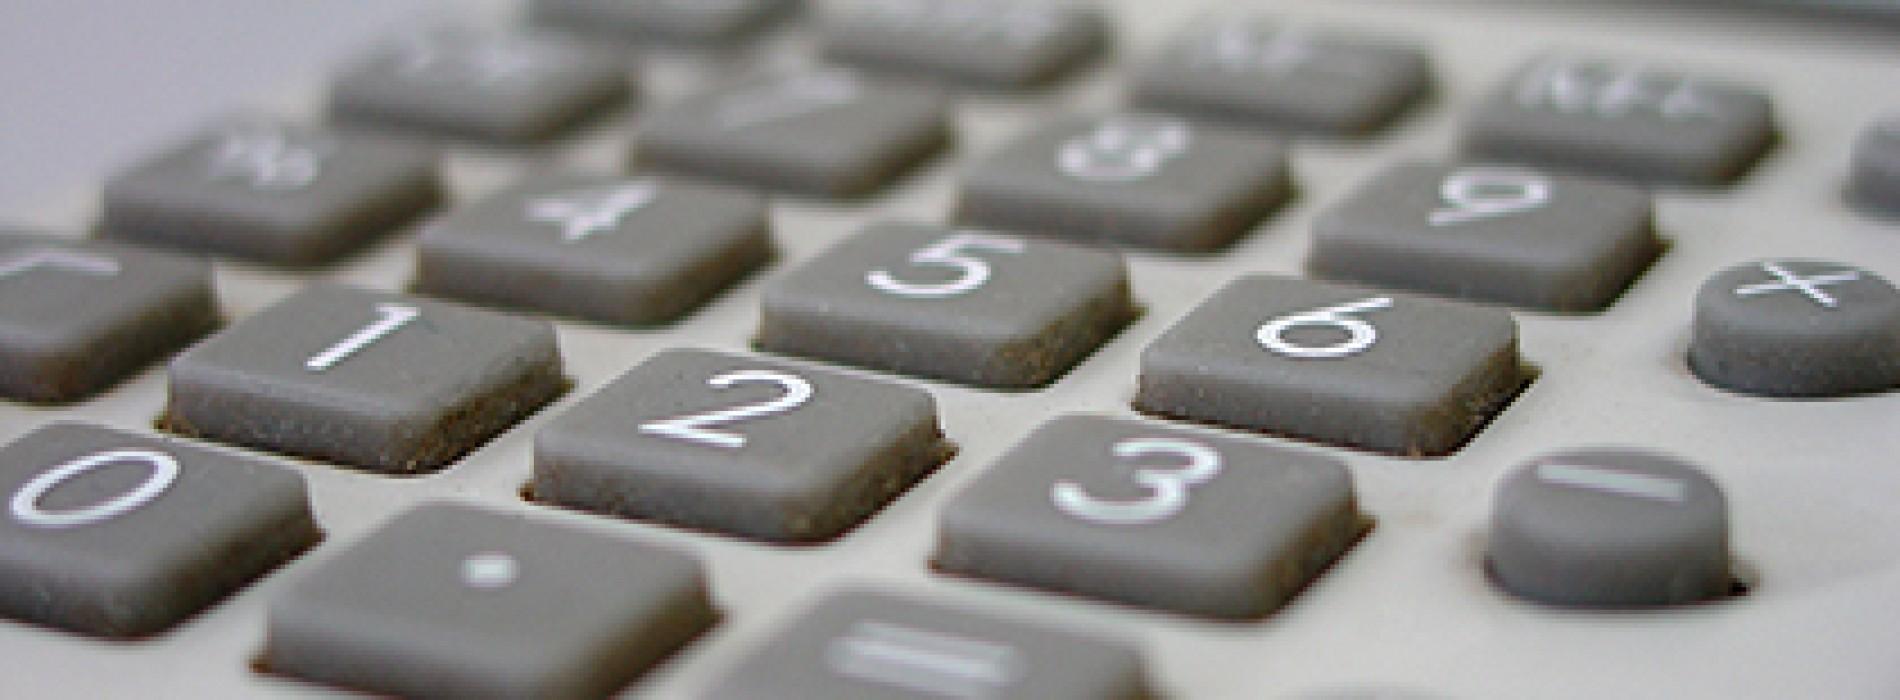 Sinpro Campinas realizará Assembleia para Prestação das Contas de 2015